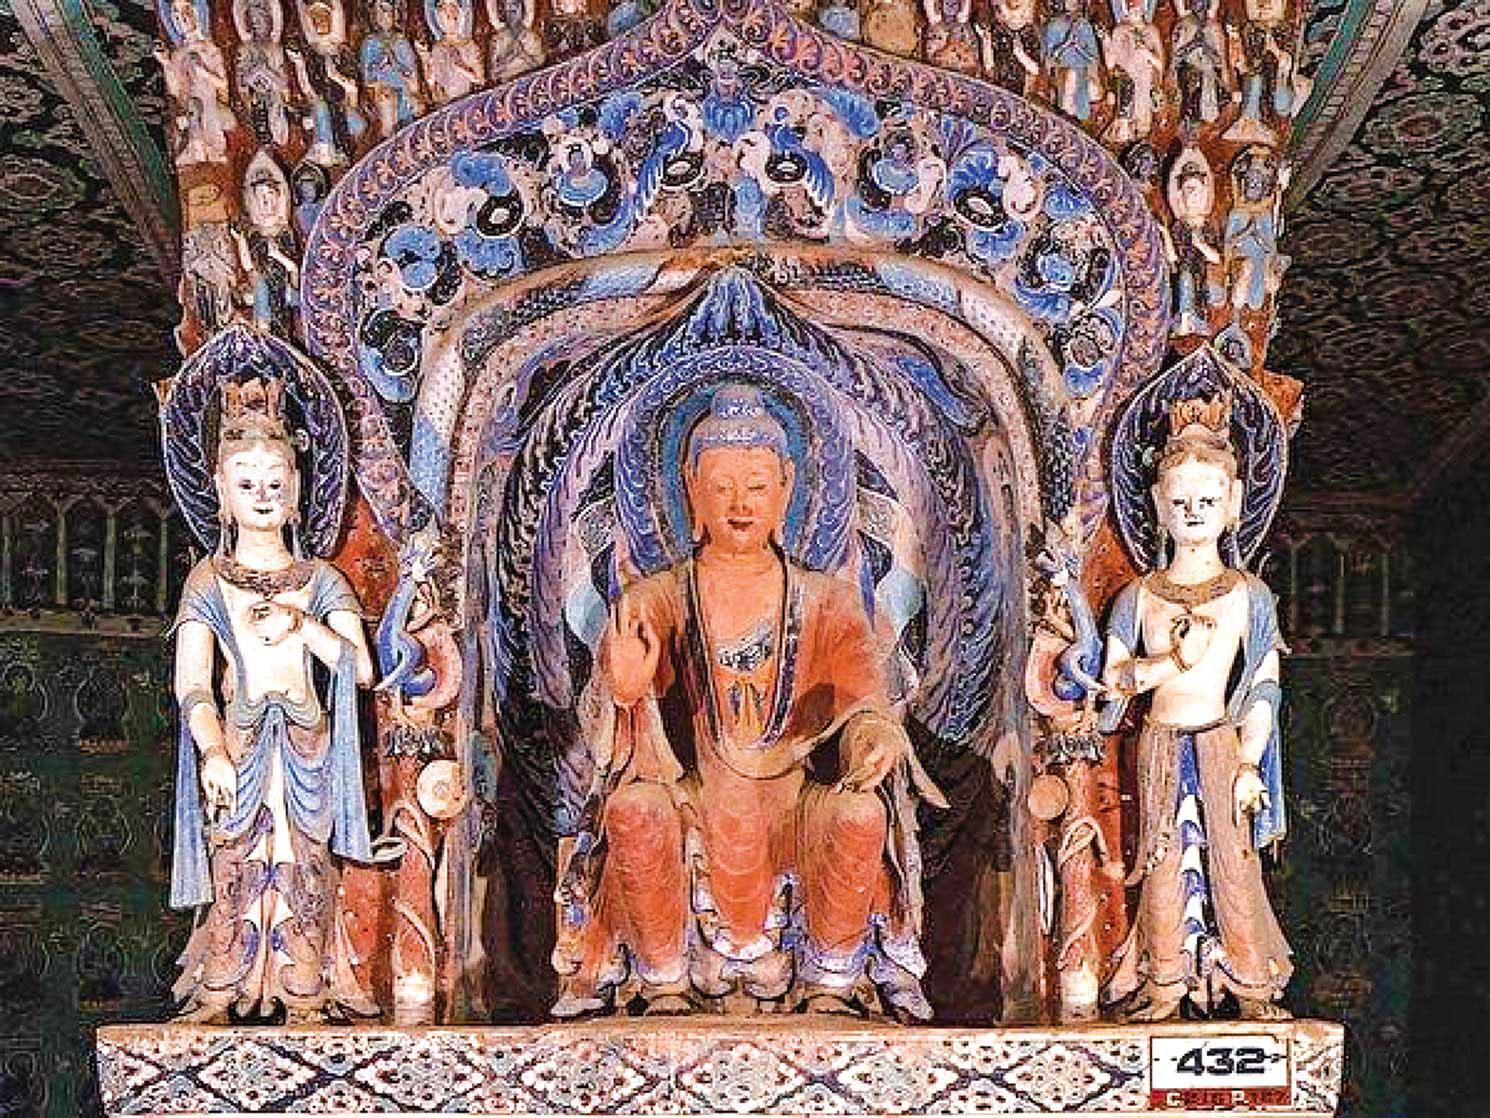 圖為敦煌莫高窟西魏第432窟,中心塔柱的正面佛龕內有佛塑像。(公有領域)